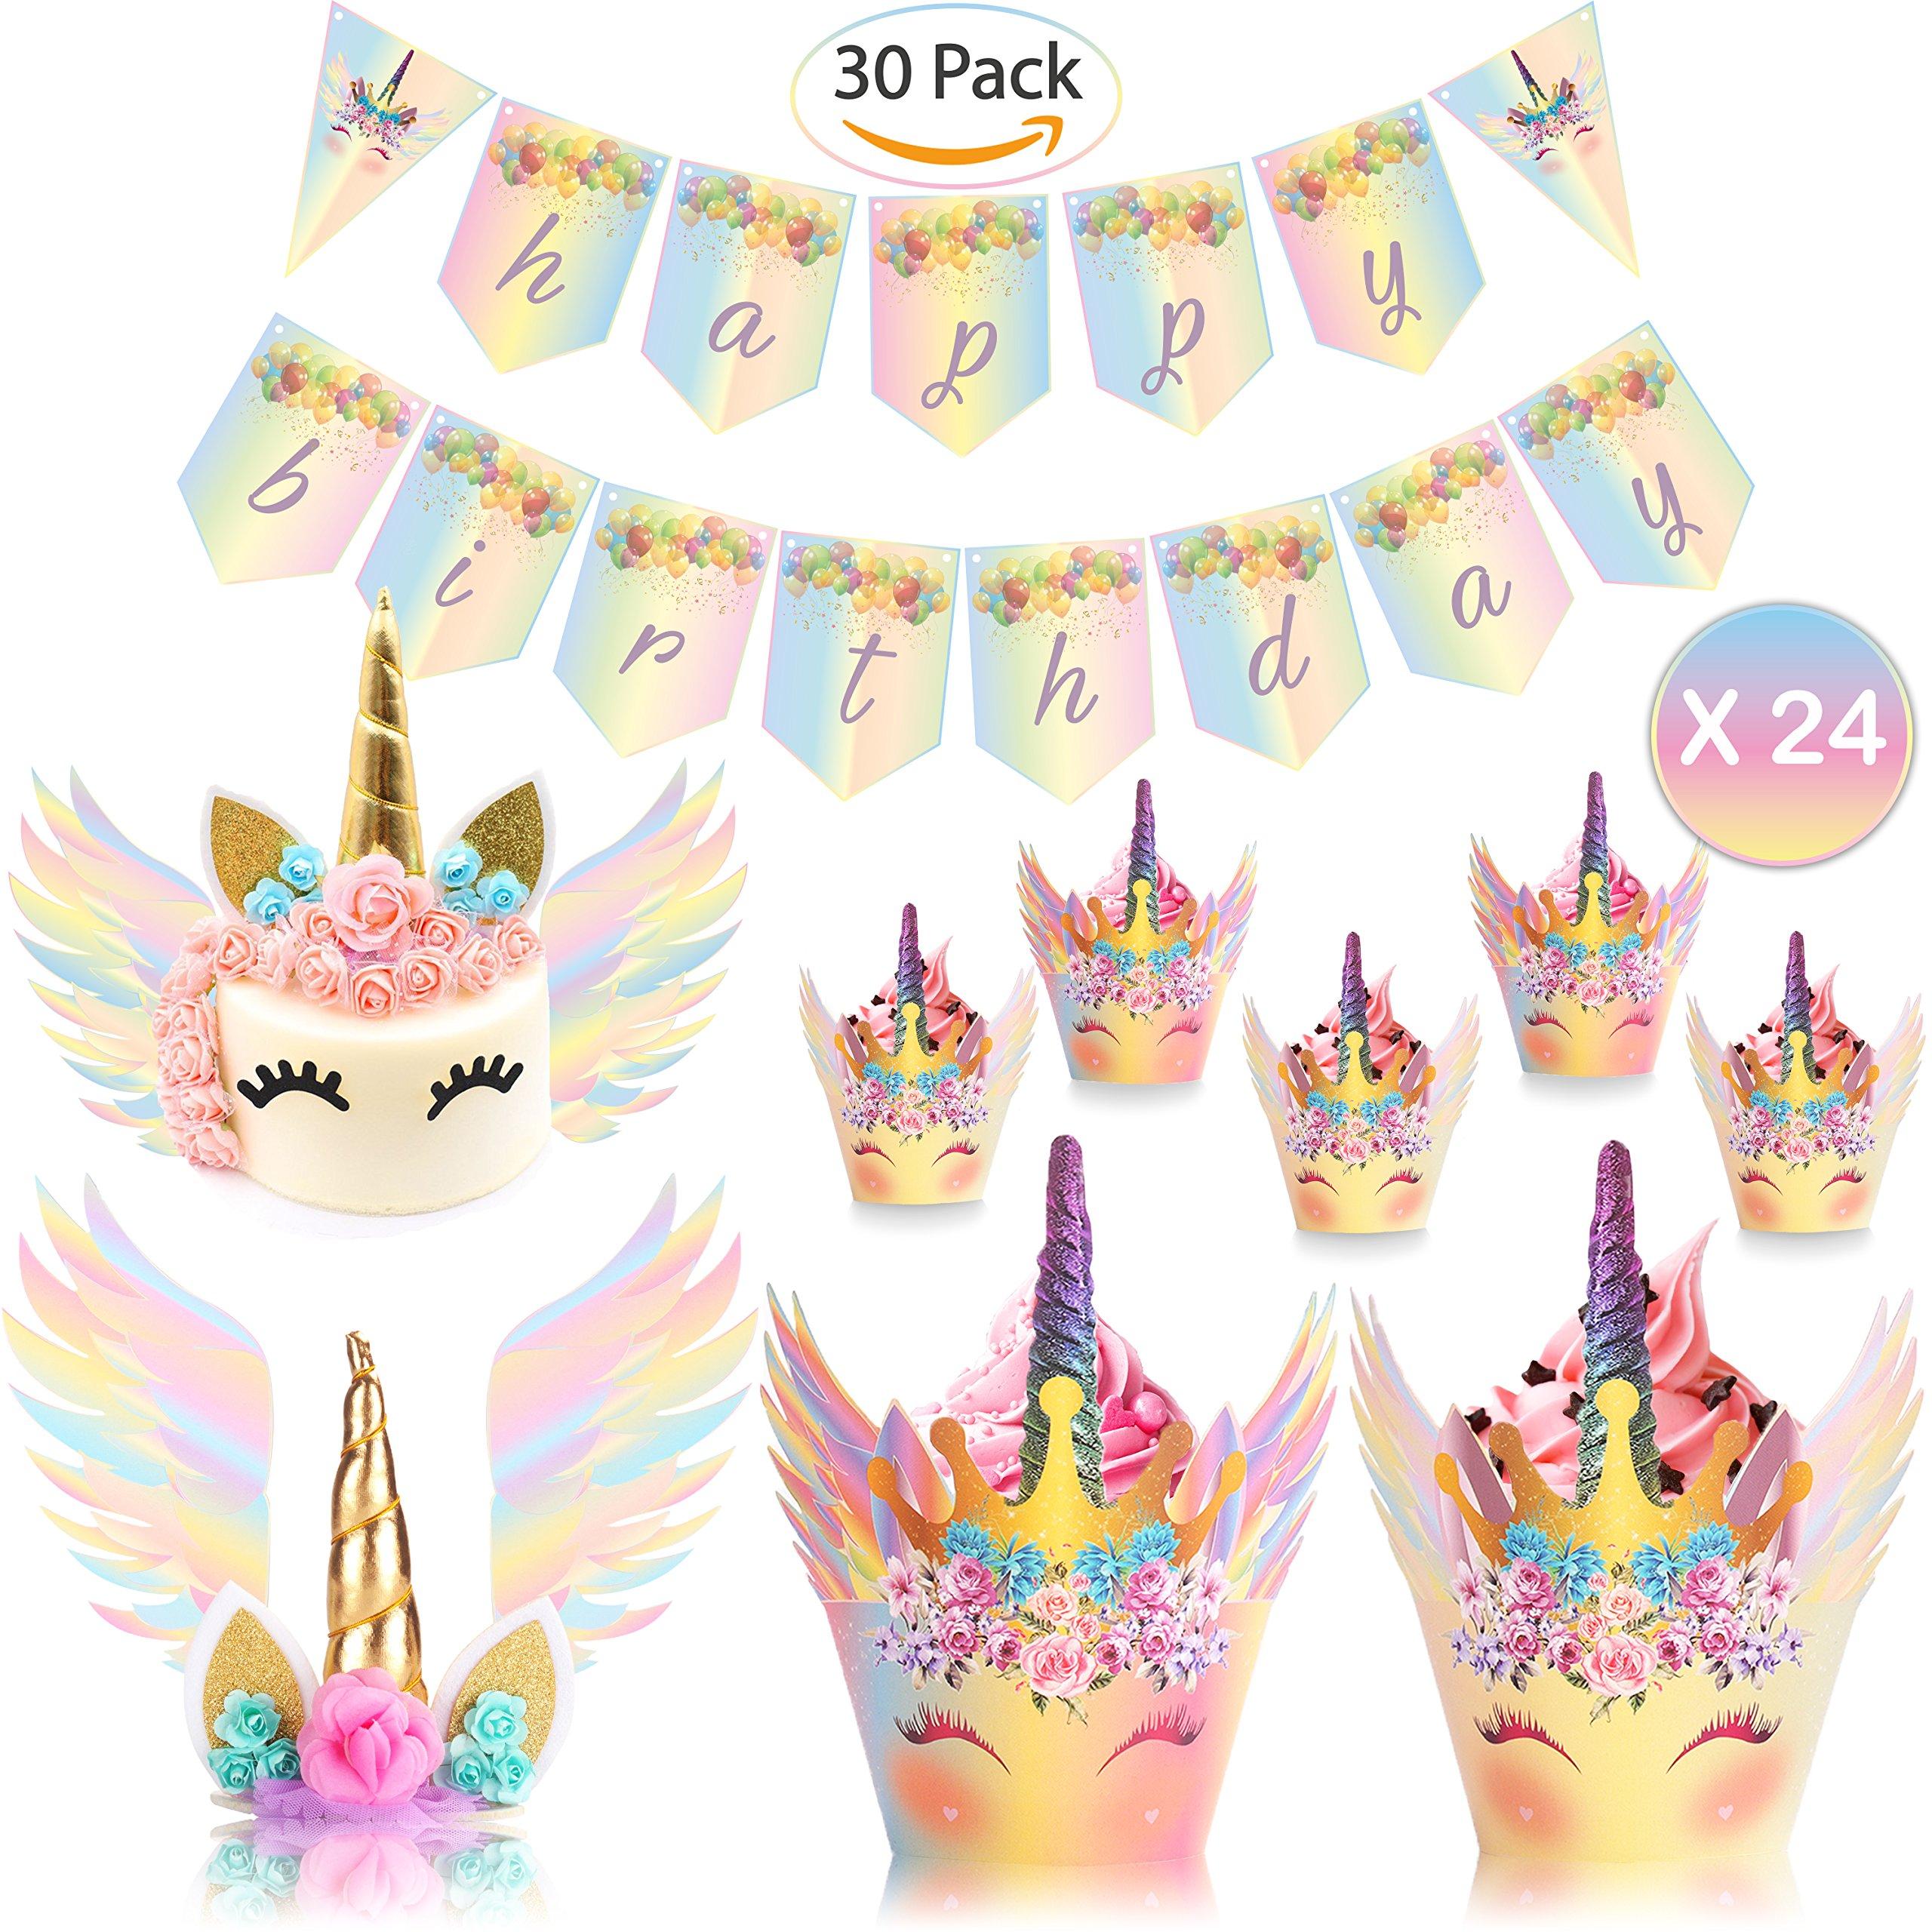 UnicornLifestyle Unicorn Cake Topper with Eyelashes Rainbow |30 Pack| 24pcs Unicorn Cupcake Topper, Birthday Banner | Unicorn Cake Wings | Baby Shower, Kids Unicorn Party Supplies, Bridal Wedding